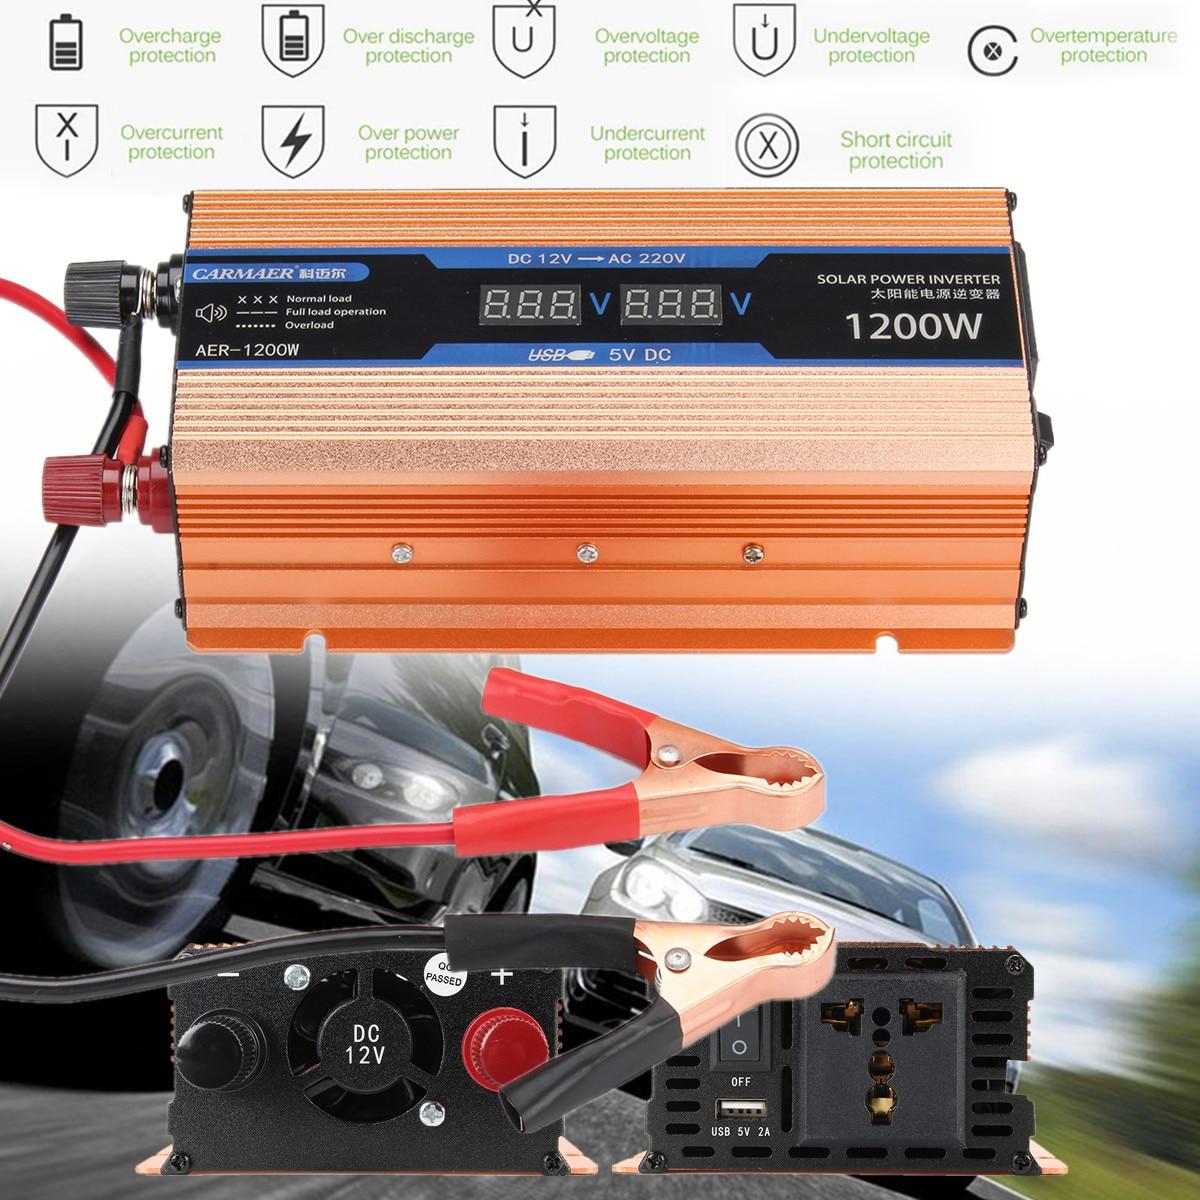 Pea k 2200W Car Solar Power Inverter DC 12V To AC 220V Sine Wave Converter Double LCD Smart Mute Fan Voltage Transformer Gold 92 92 38 100v 220v 5 3w af0938b00hl ac fan for wide voltage inverter fan